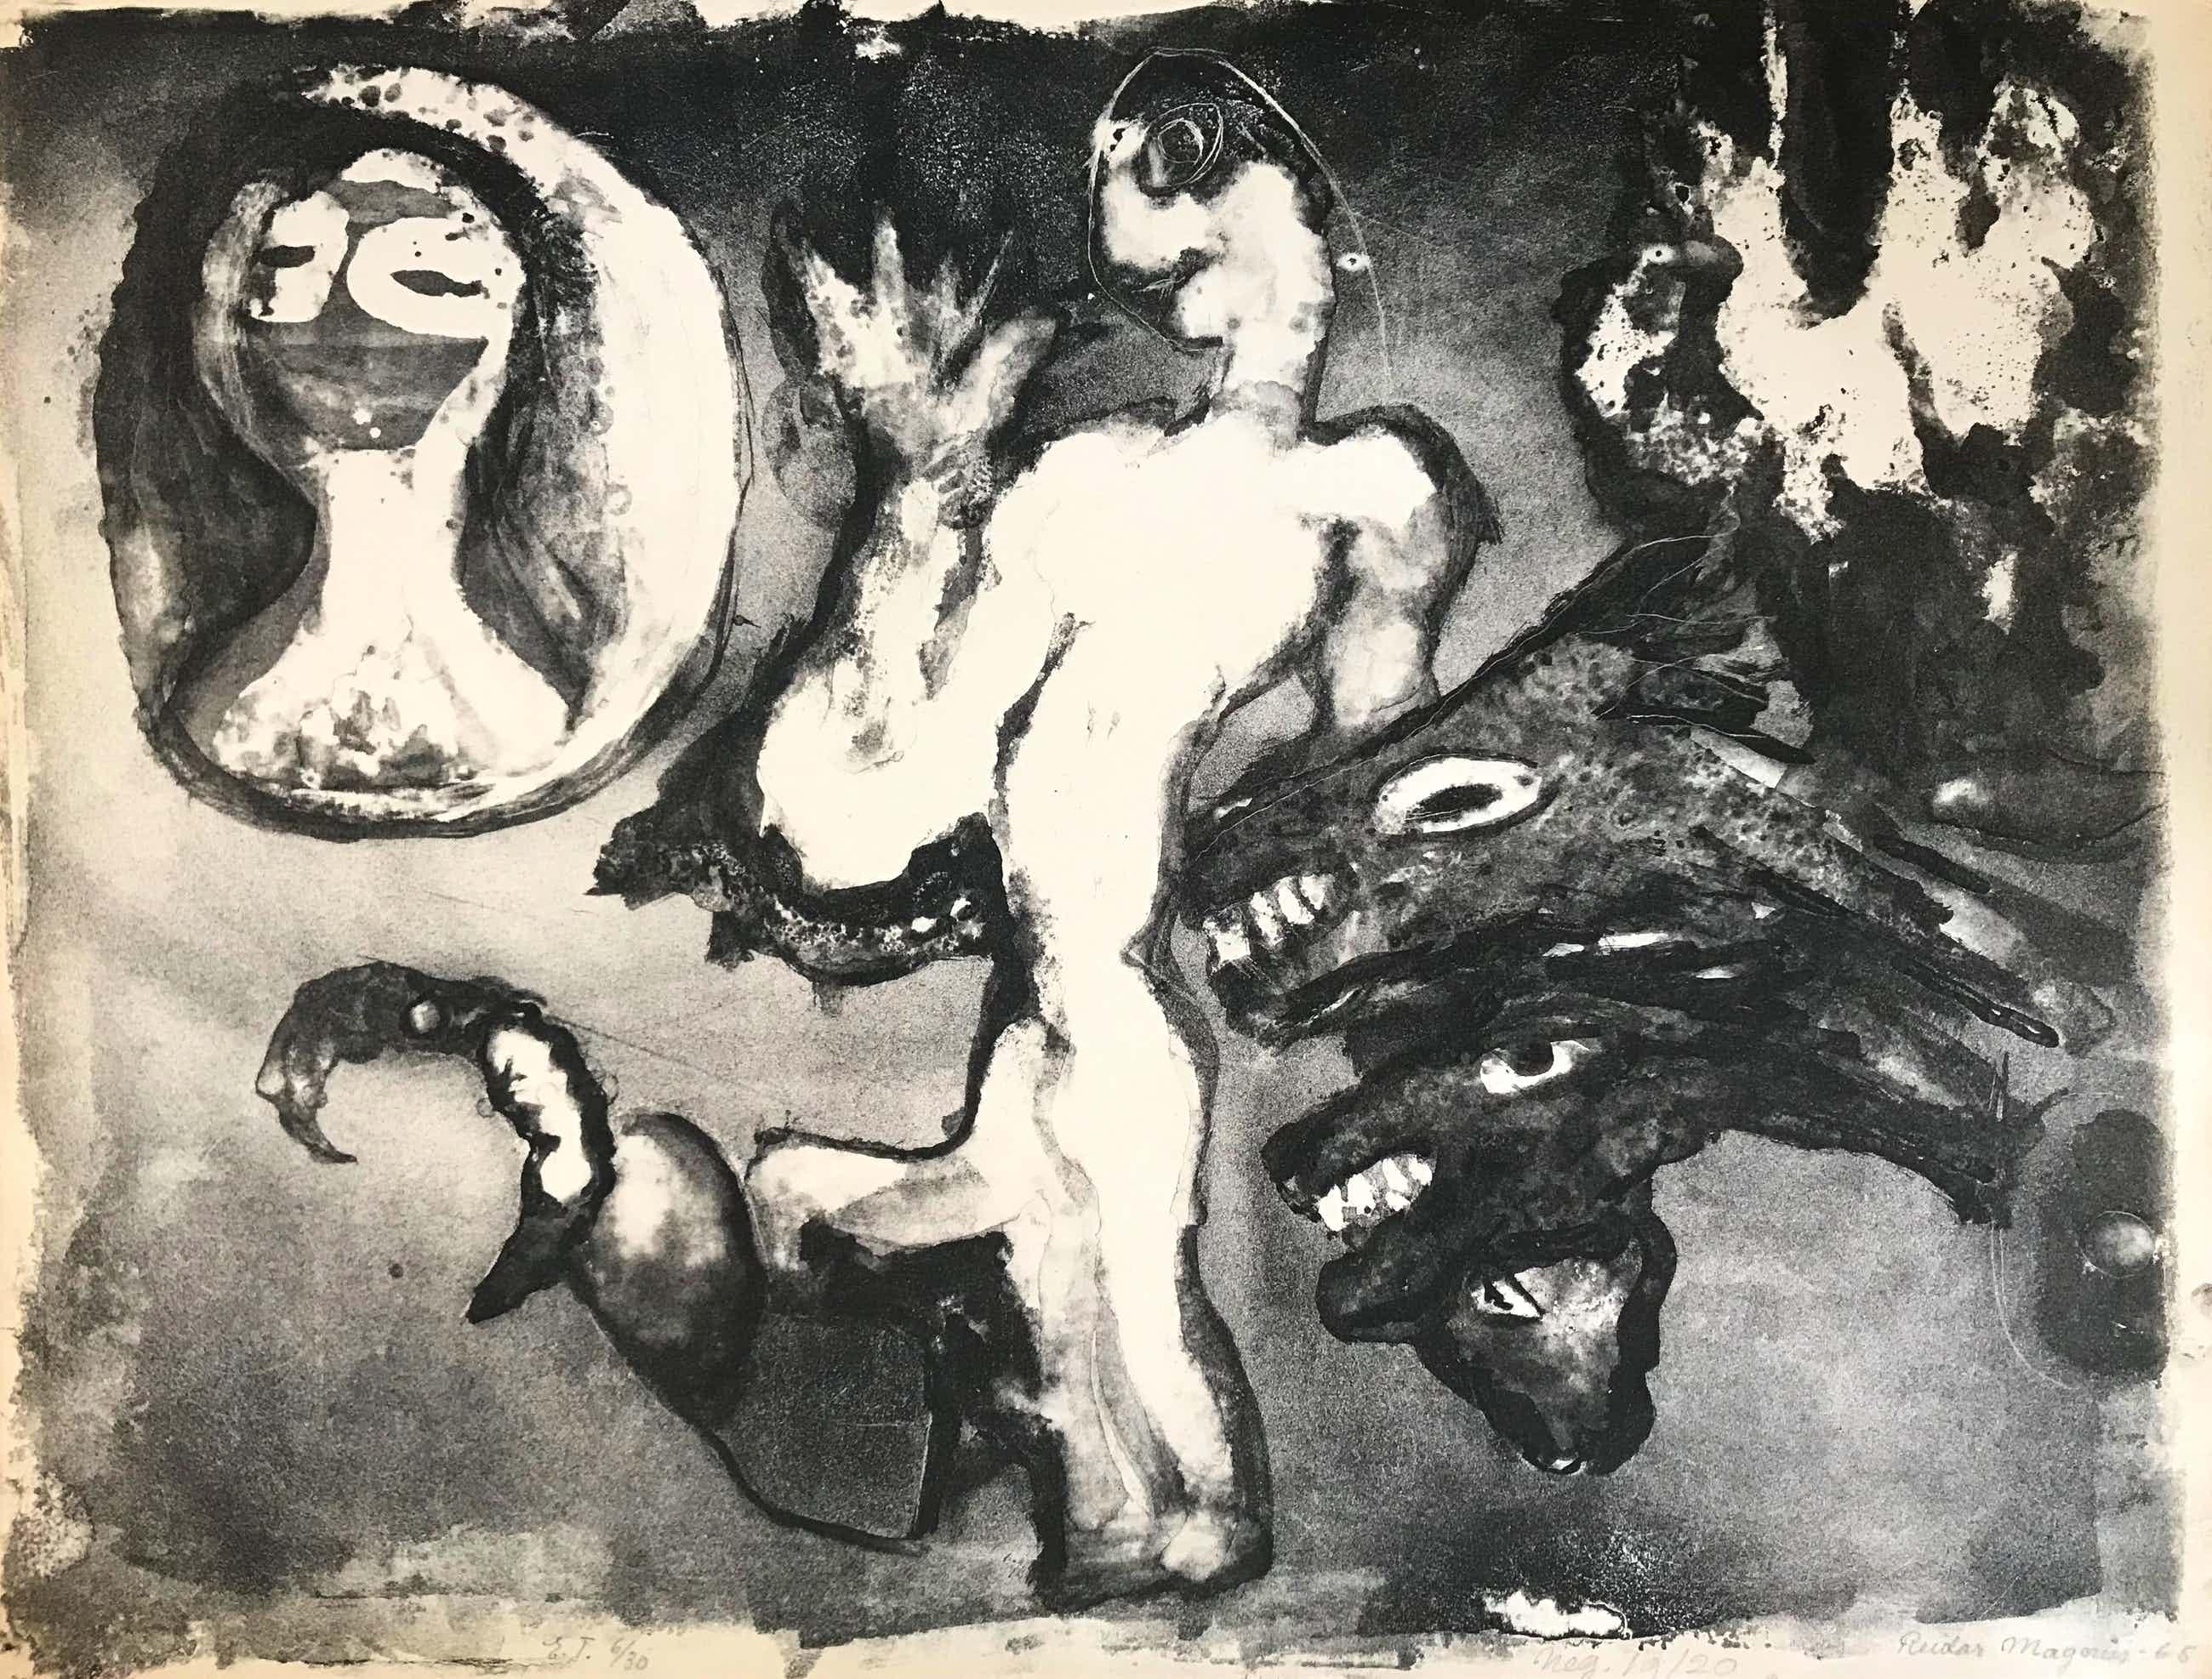 Reidar Magnus - Lithografie - 1965 - 6/30 - Gesigneerd kopen? Bied vanaf 75!